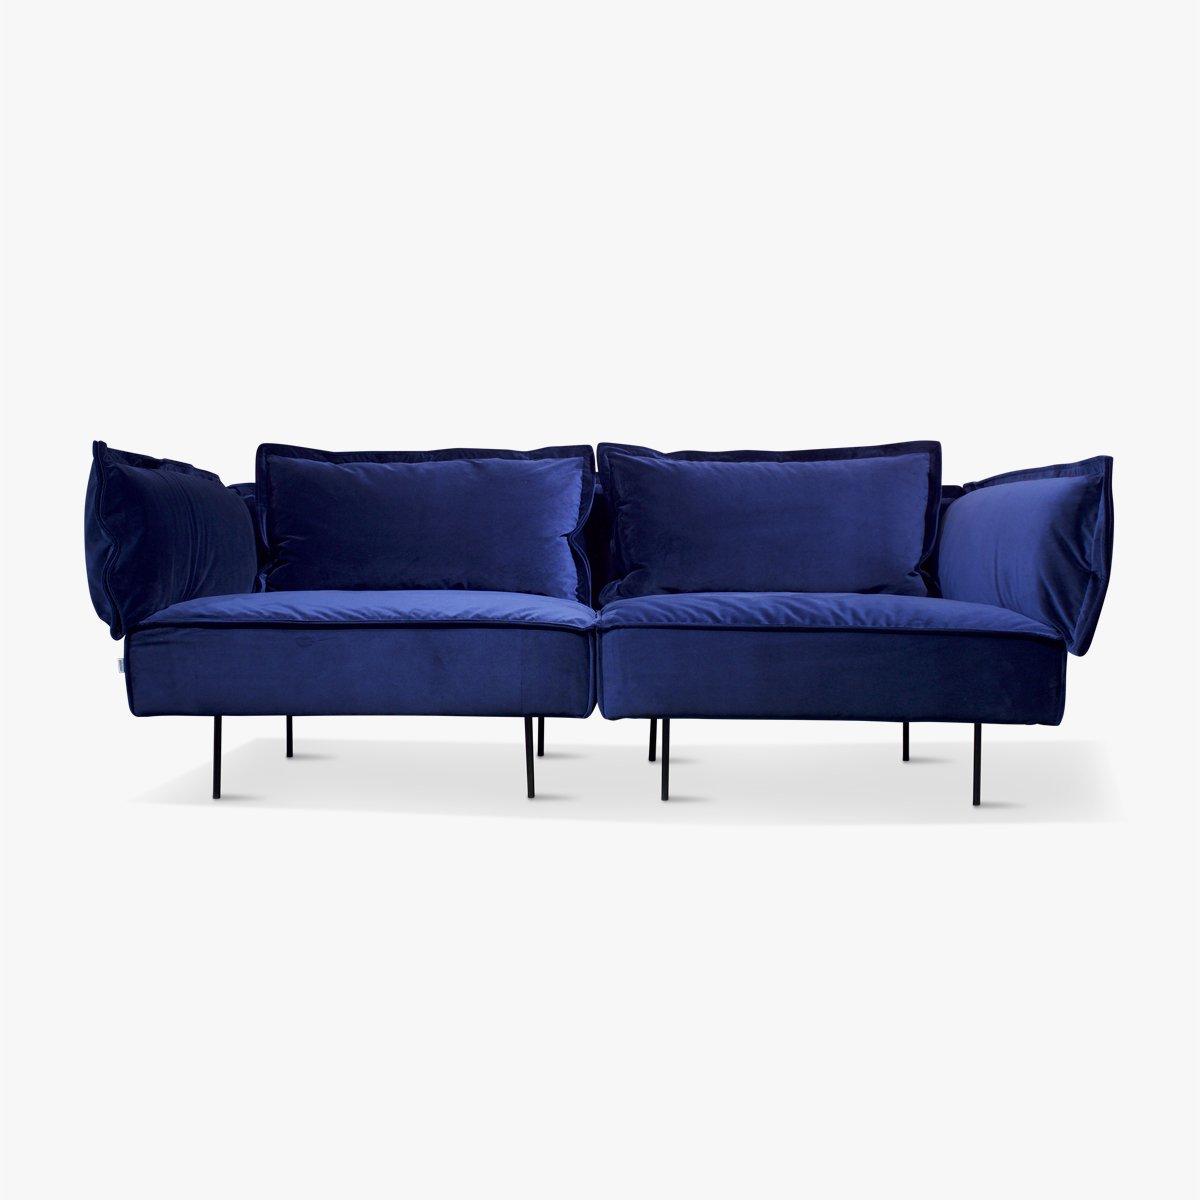 Sofa Modular J7do Modular 2 Seat sofa House for Goo S Limited